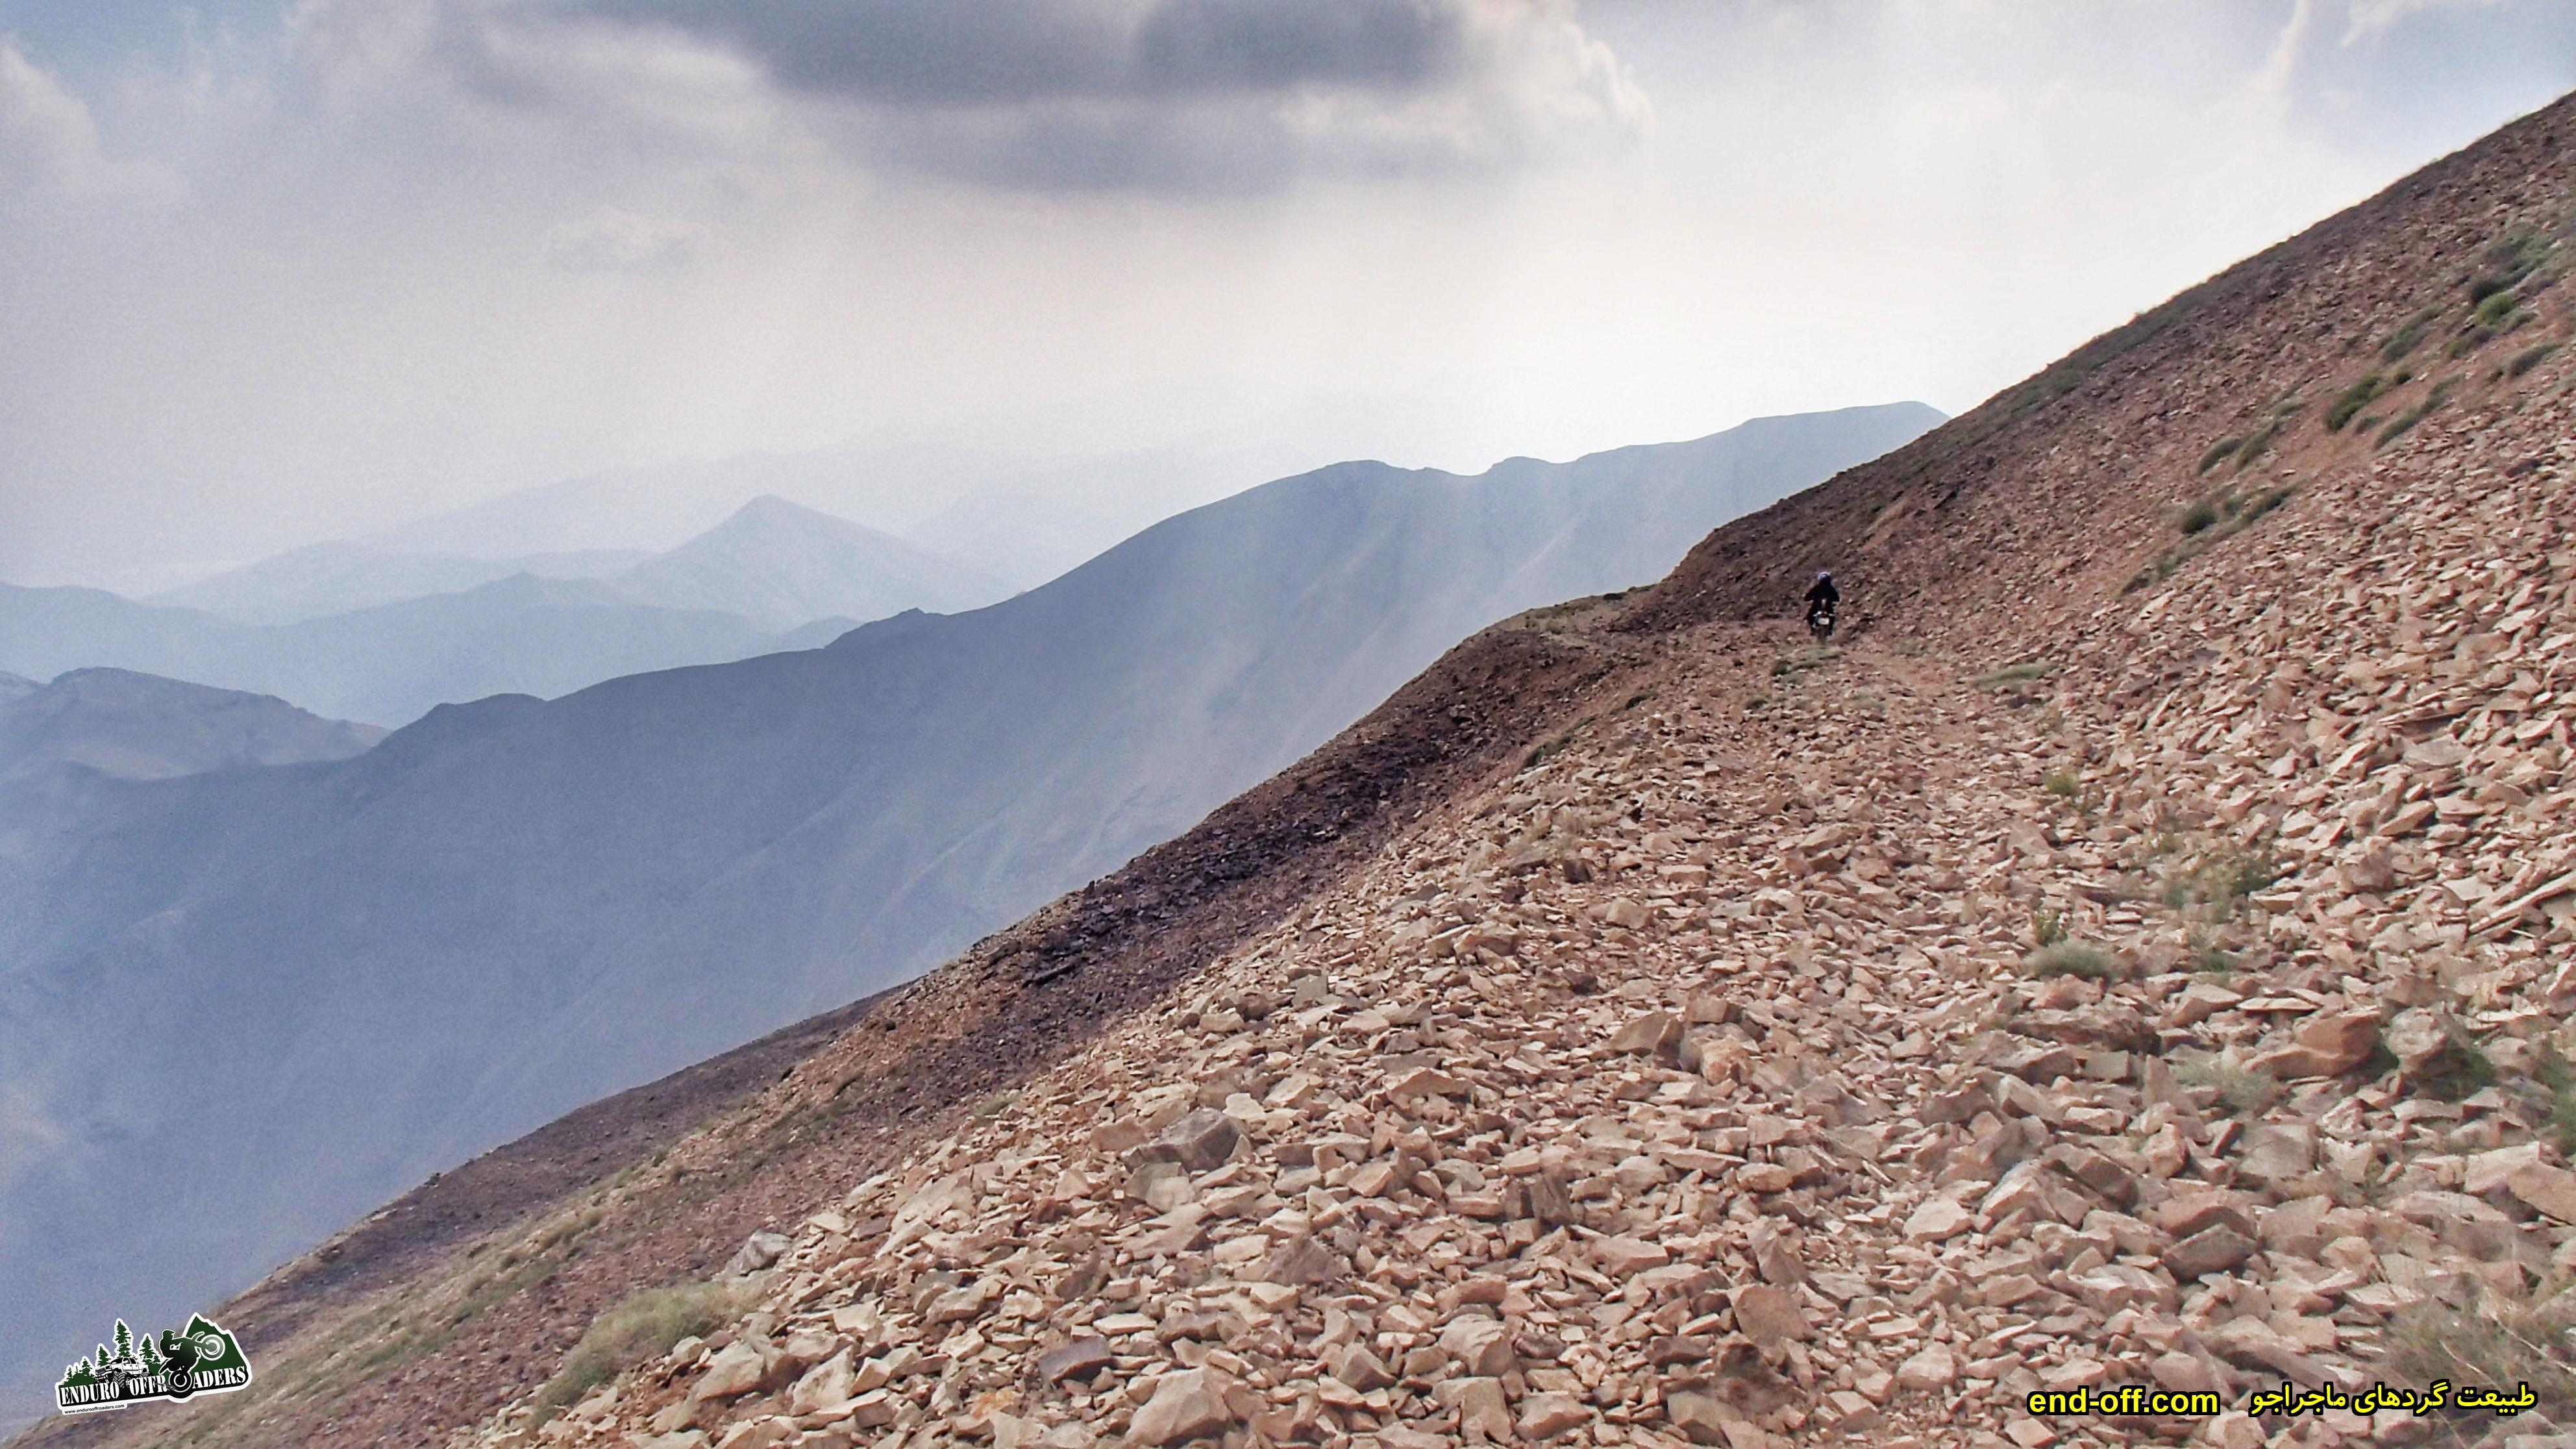 از قله توچال بطرف امامزاده داوود - تابستان 1399 2020